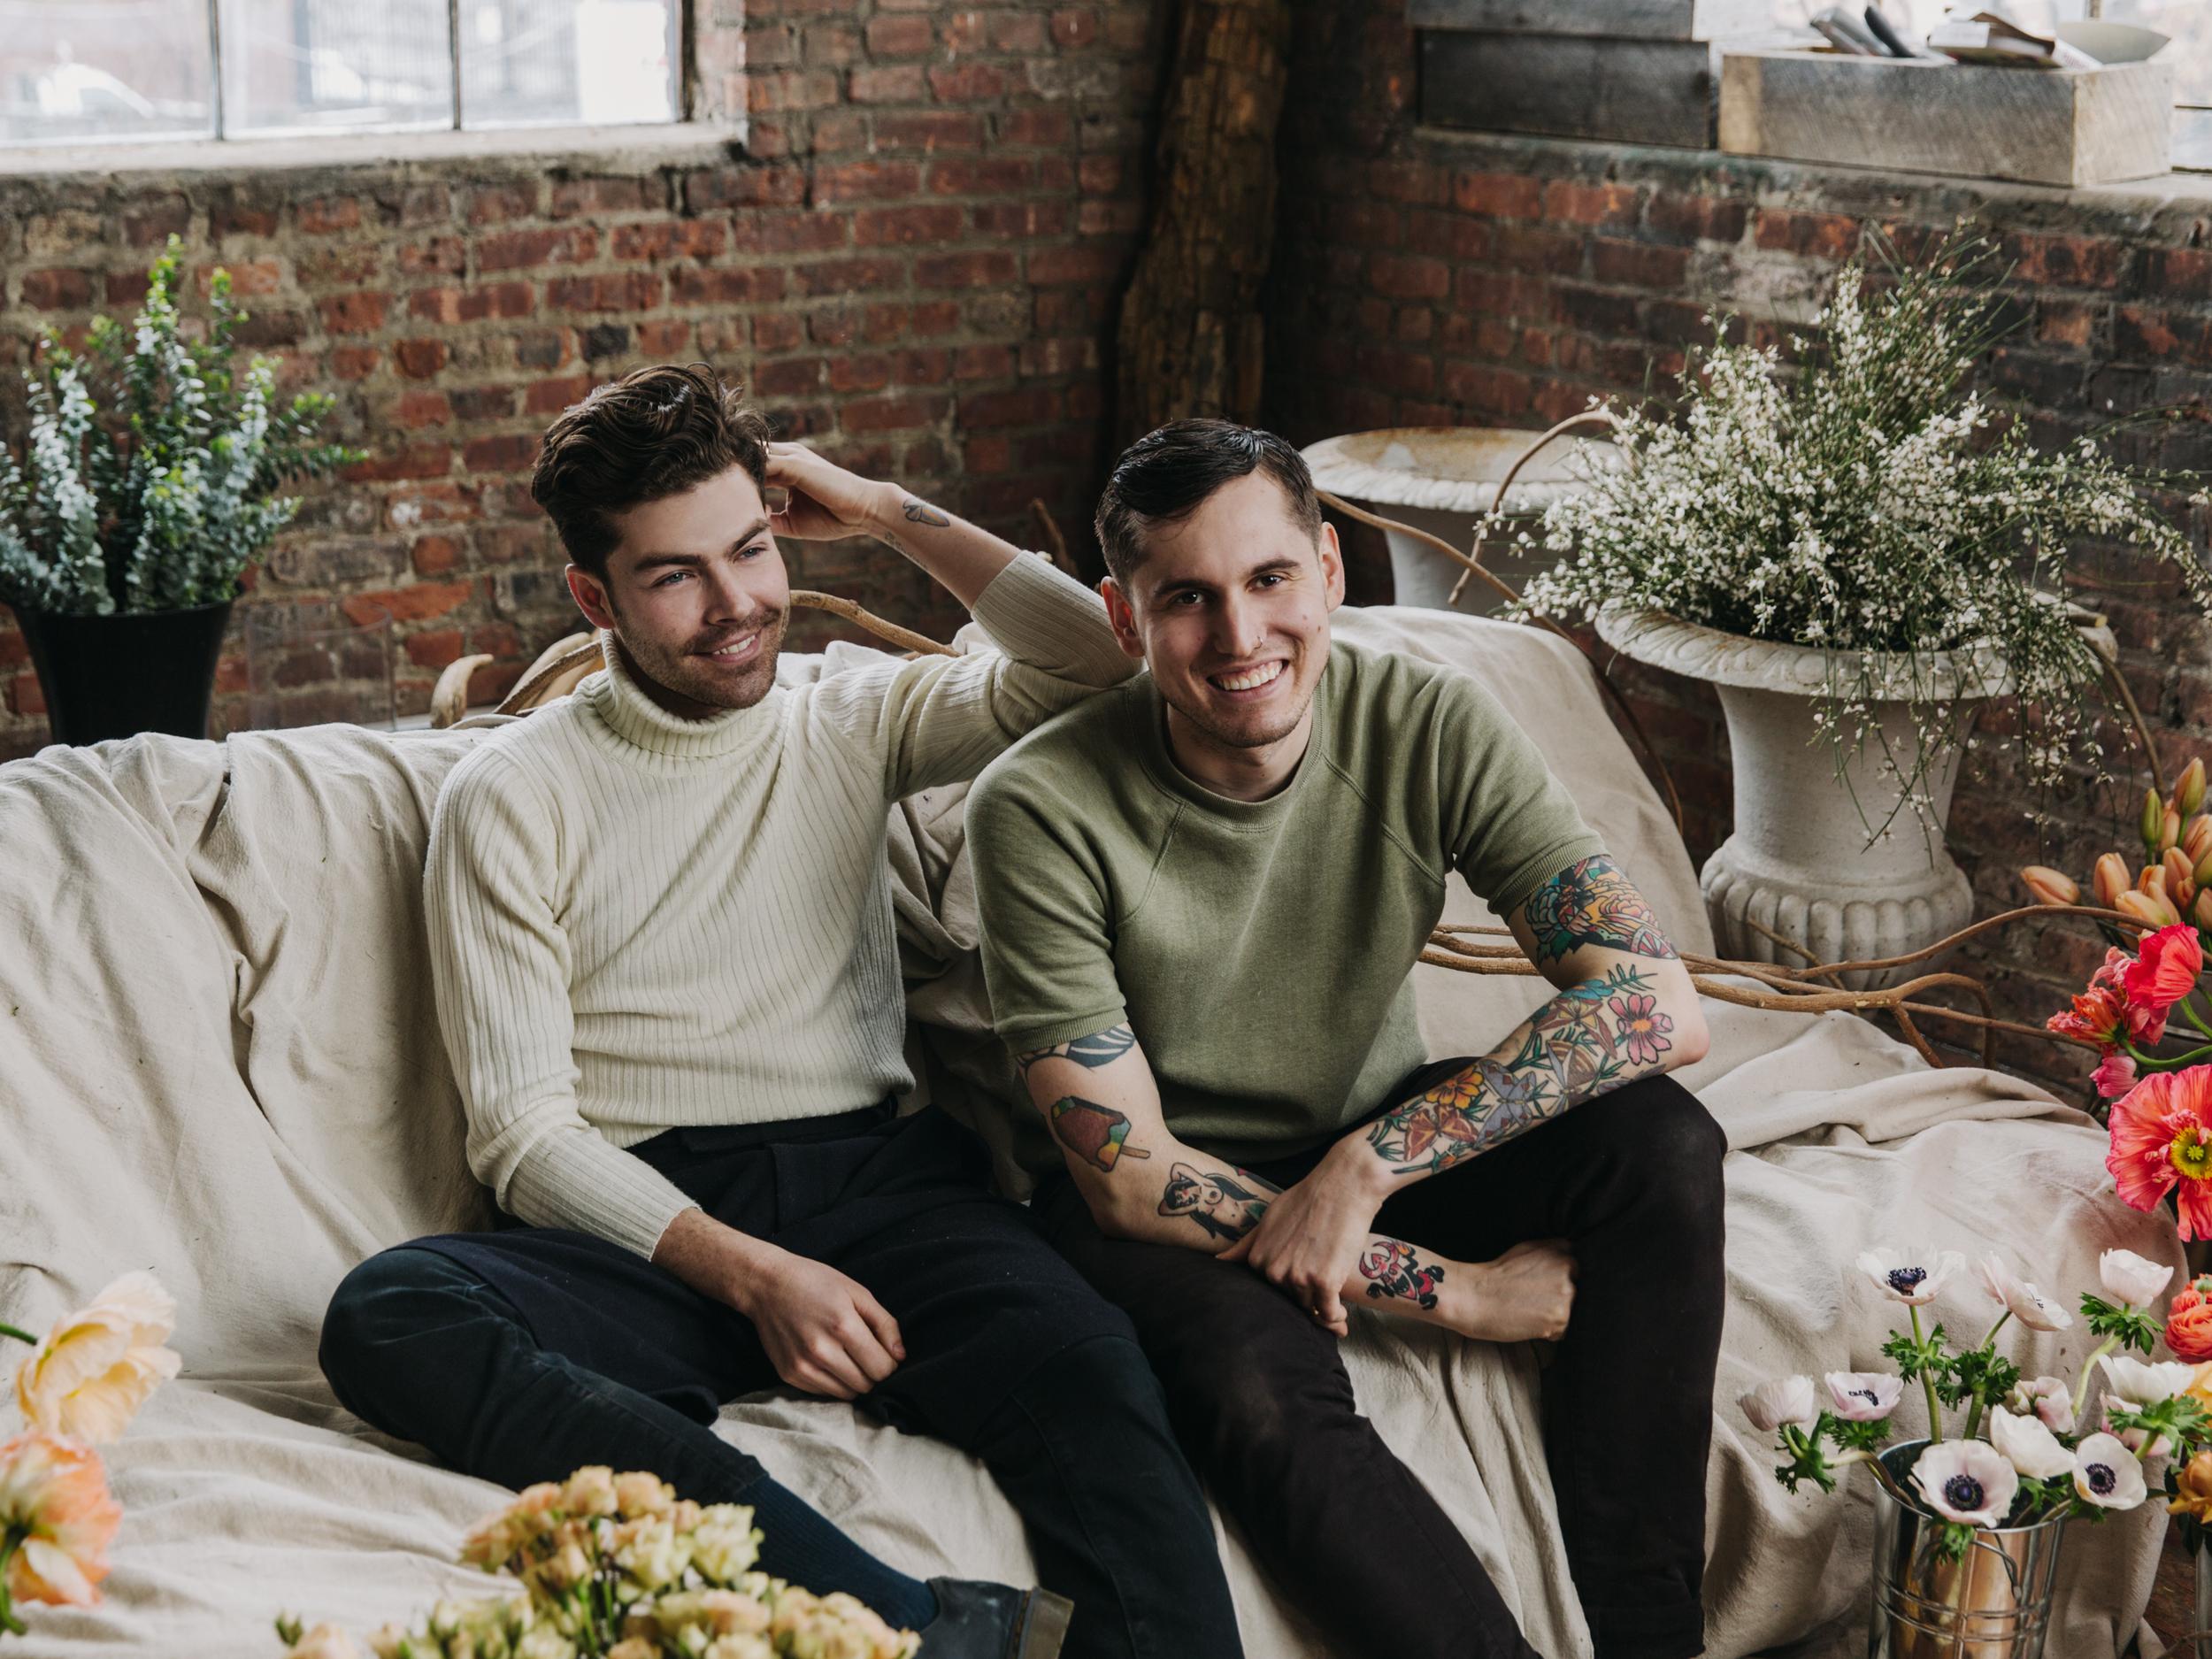 Michael & Darroch Putnam, Founders of Putnam Flowers